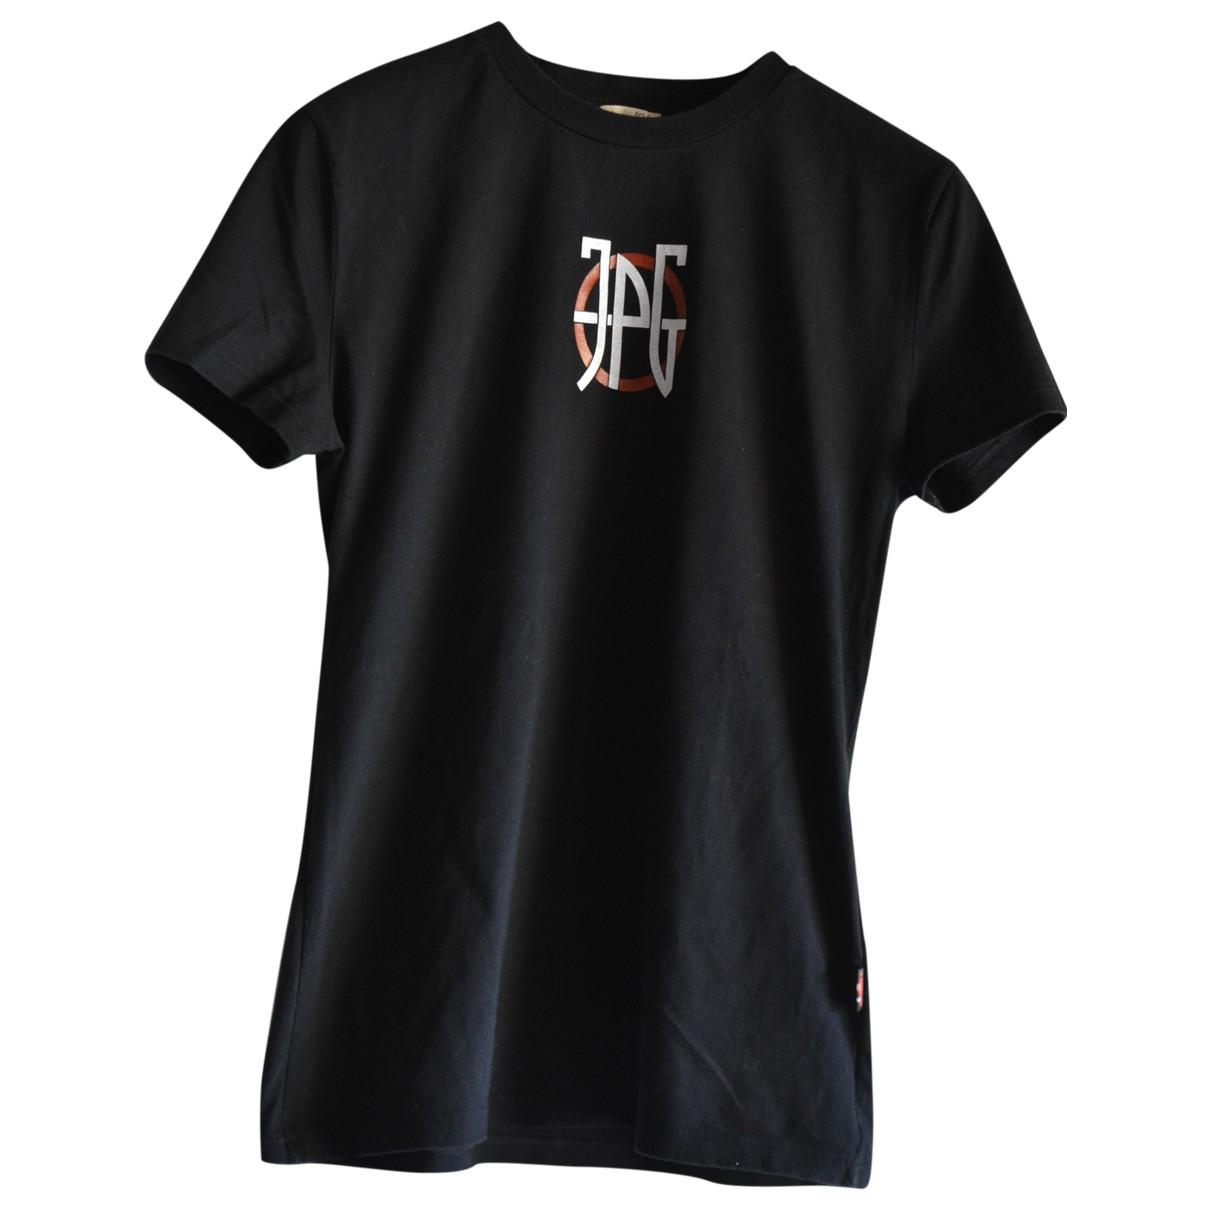 Jean Paul Gaultier \N Black Cotton  top for Women XL International